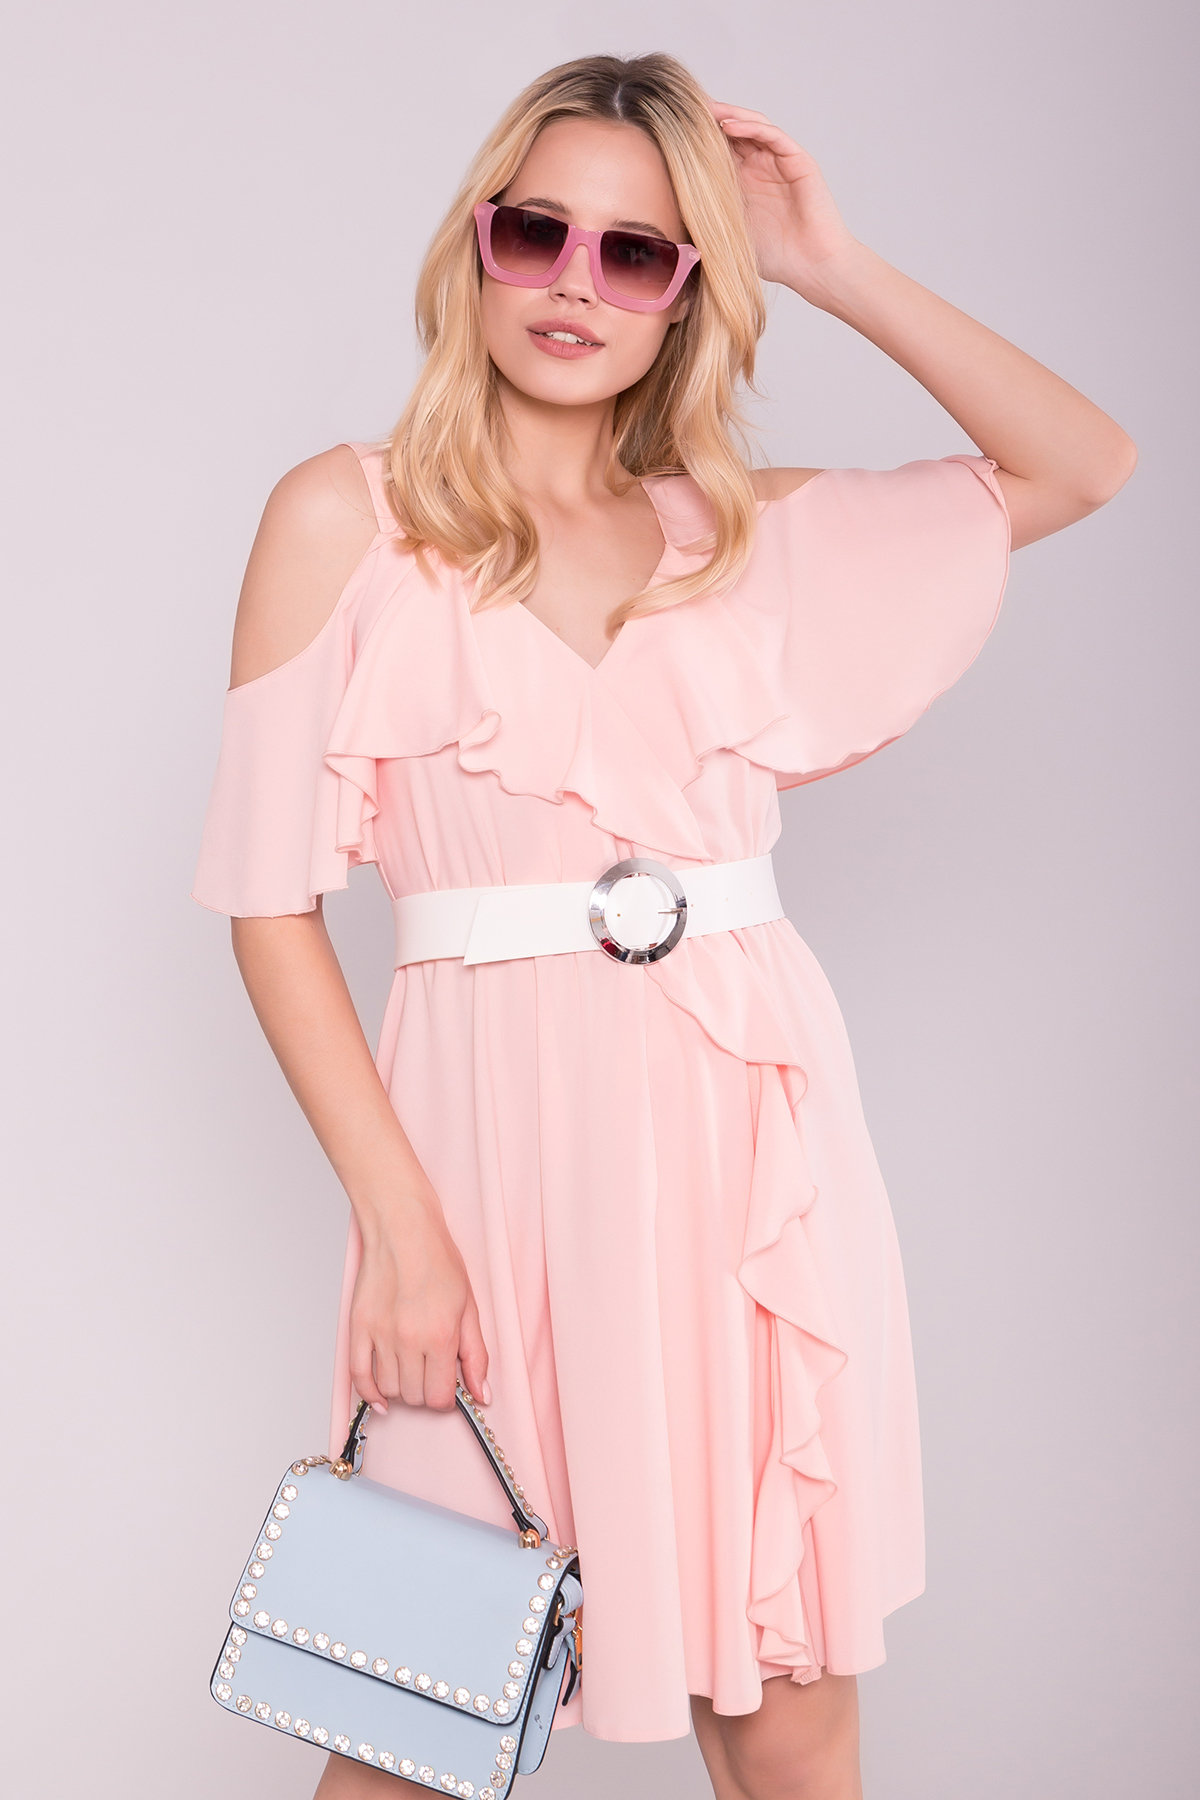 Платье Нуара 7358 АРТ. 43102 Цвет: Пудра 7 - фото 3, интернет магазин tm-modus.ru